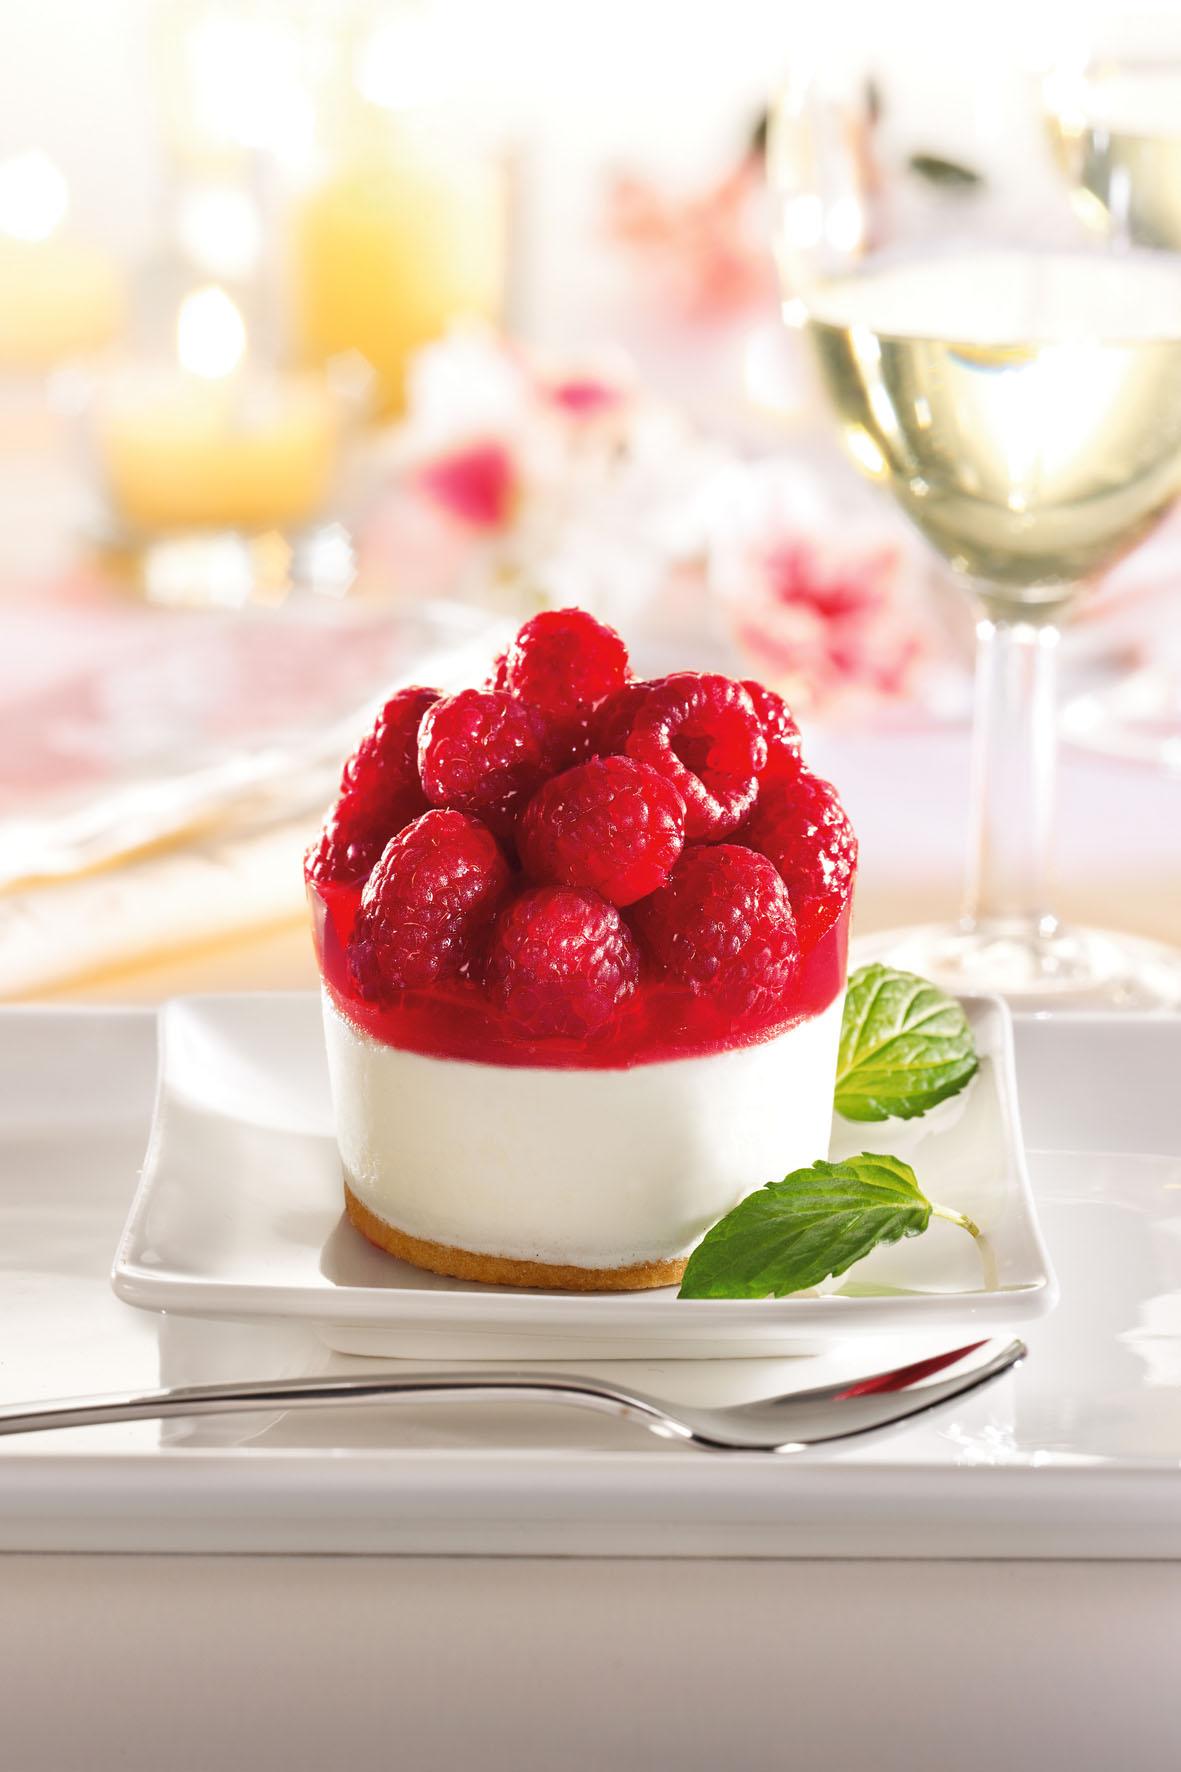 Das Himbeer-Joghurt-Törtchen wurde zum Dessert des Jahres 2014 gewählt.